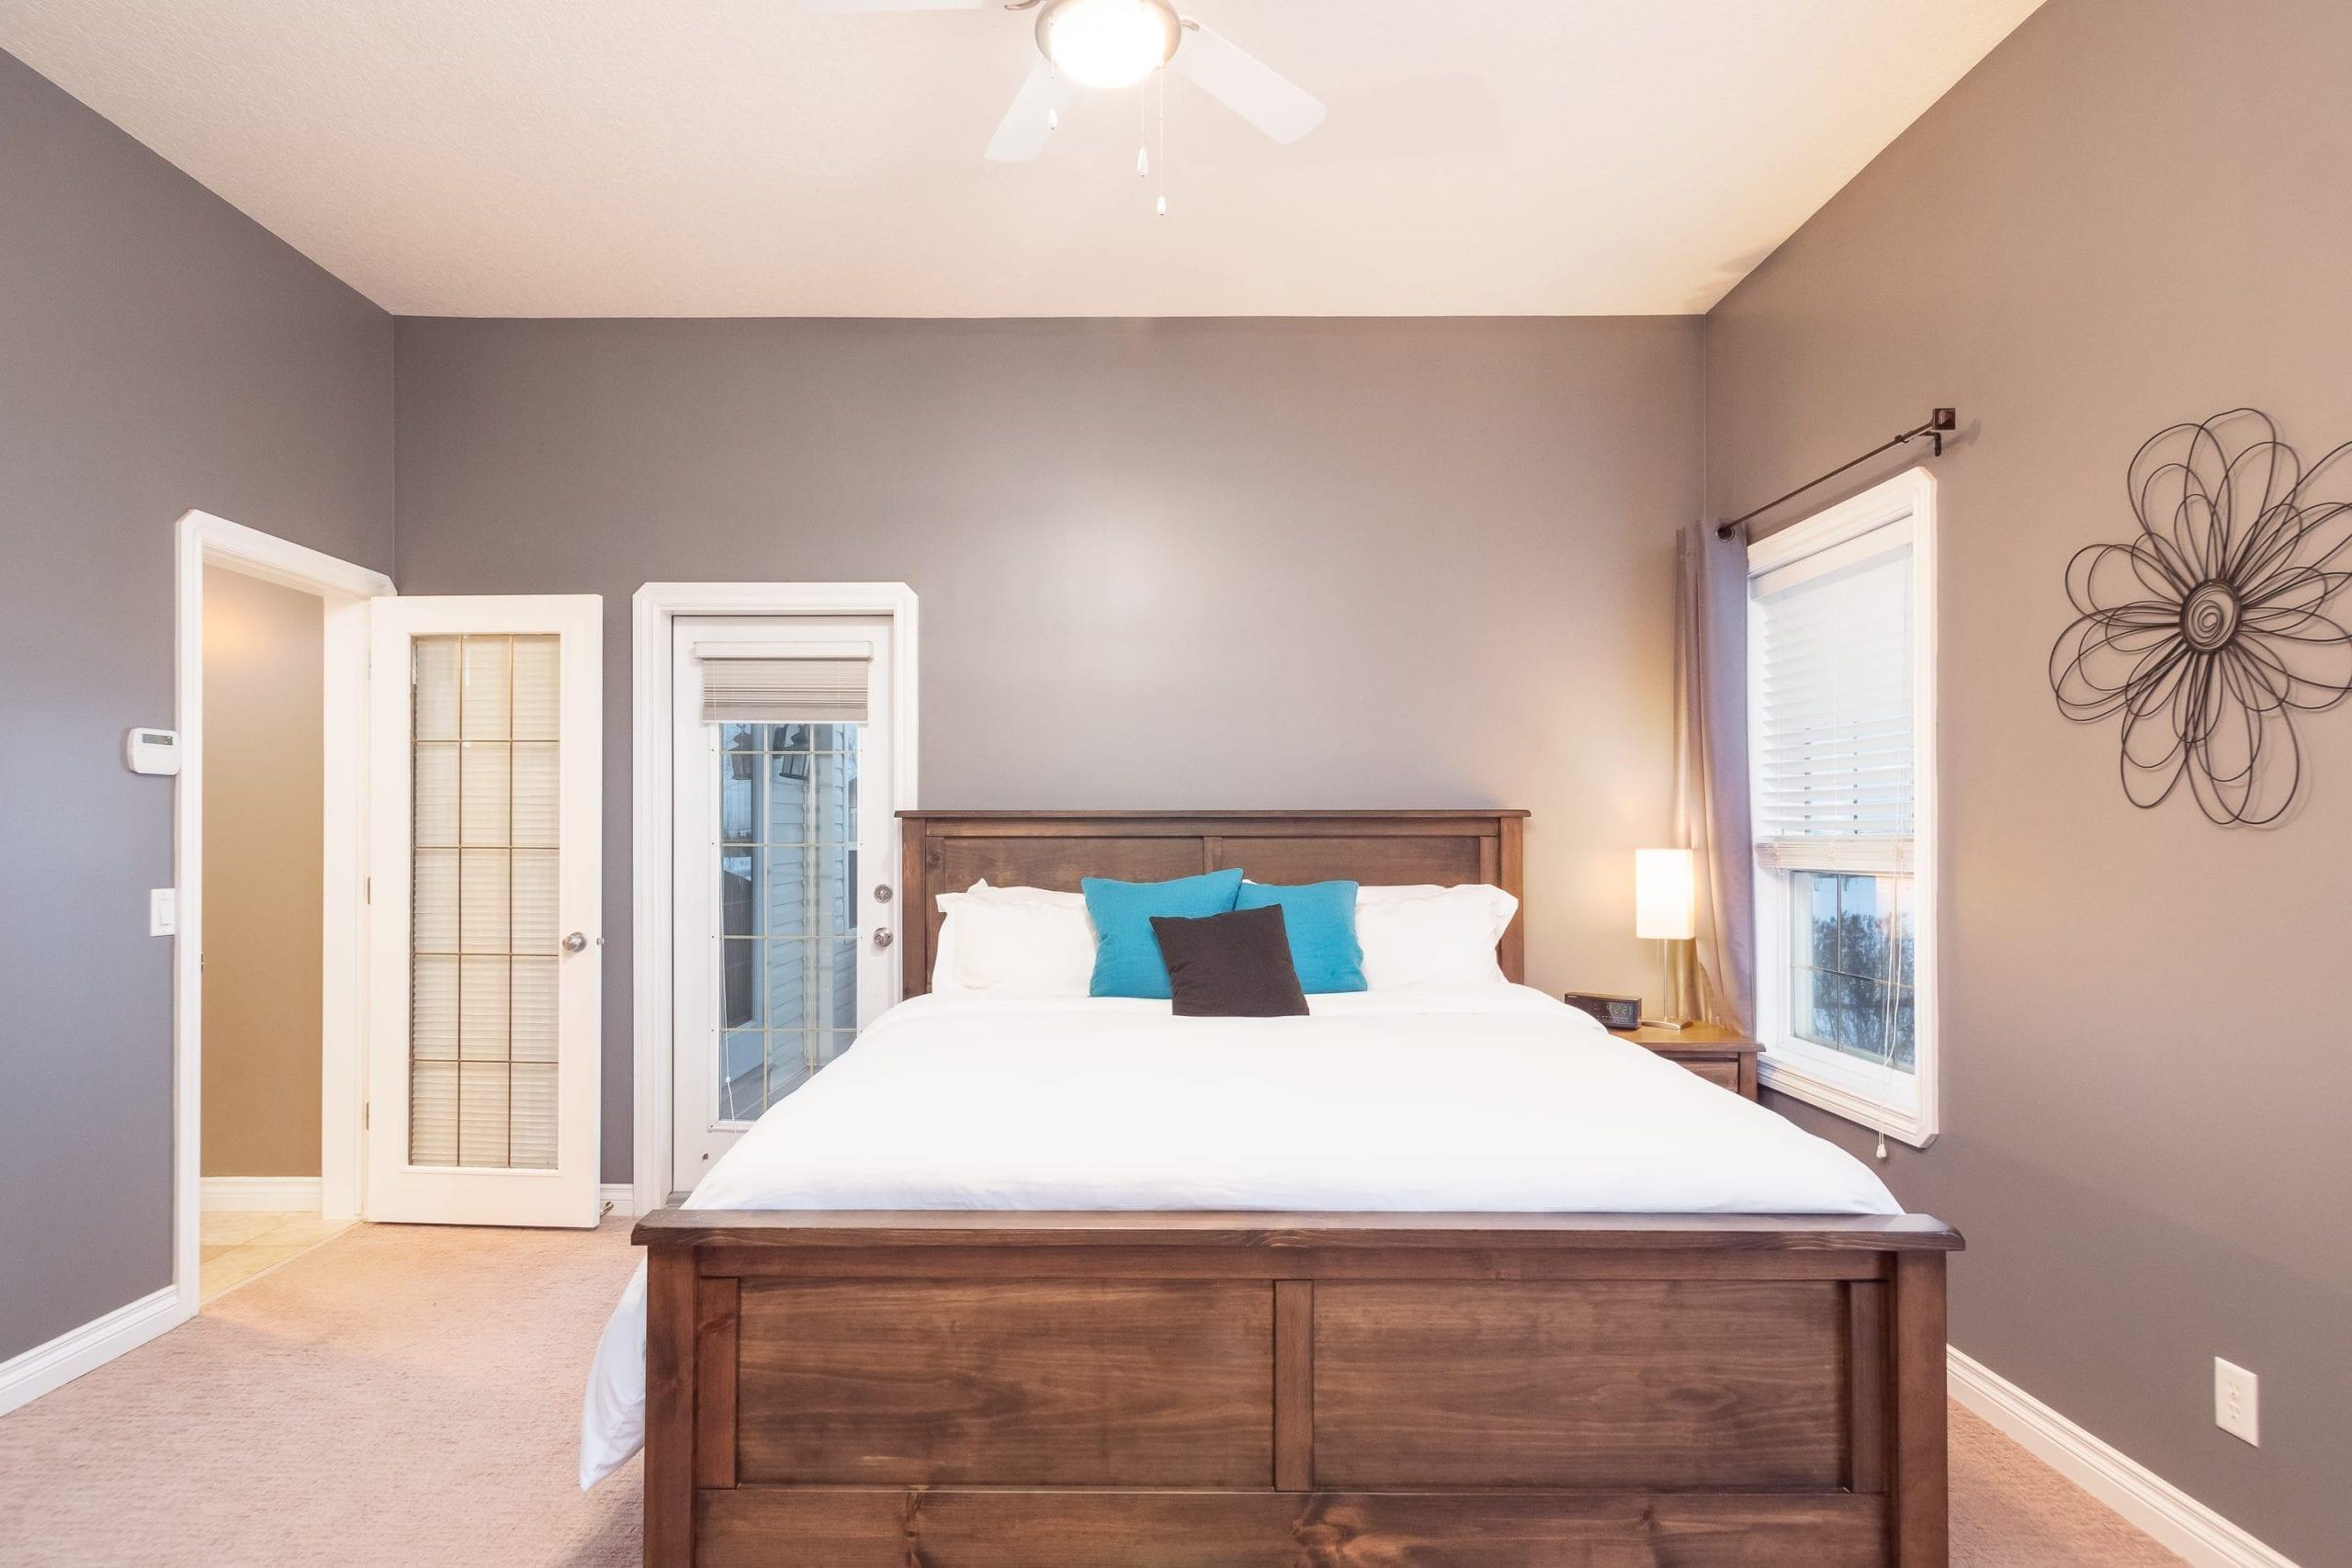 Hello Gorgeous - 243 Stage Coach Lane, Rockyview County AB - Tara Molina Real Estate (36 of 59)